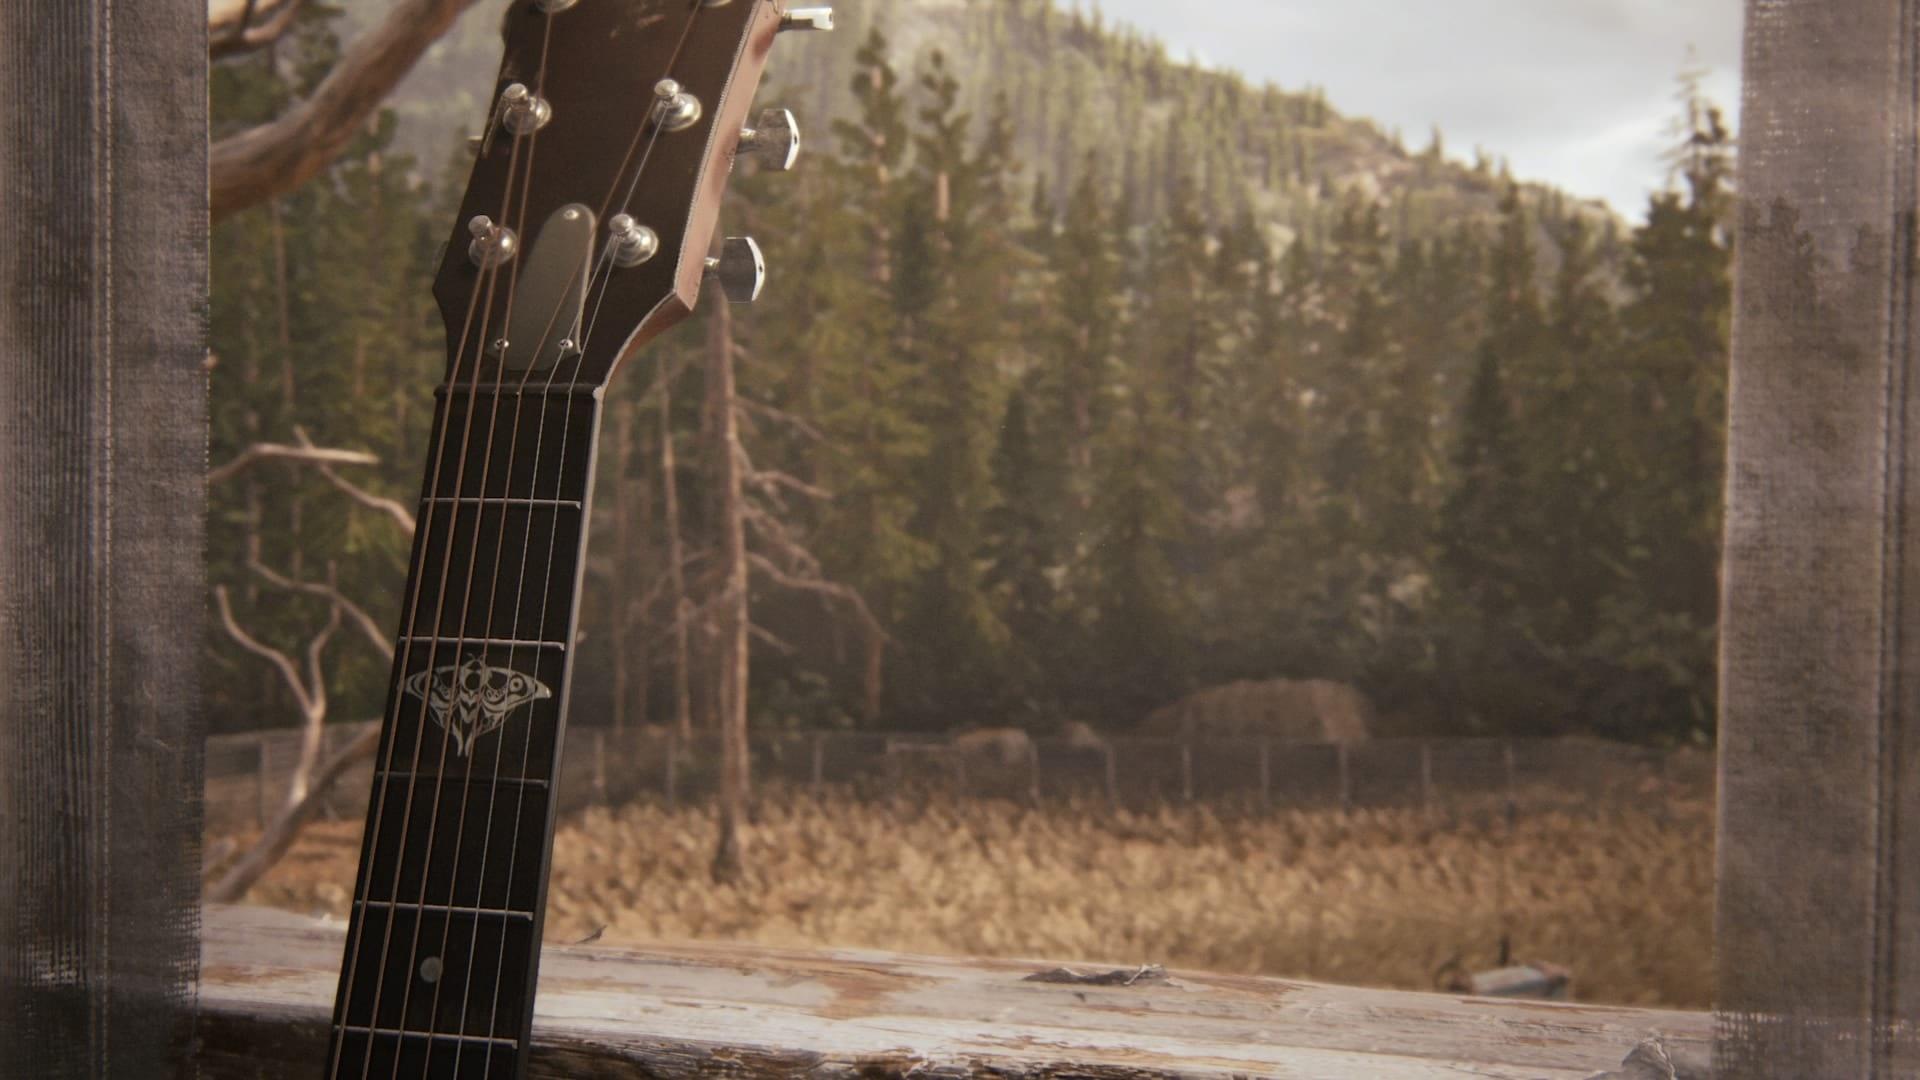 Одна из ведущих сценаристов The Last of Us Part 2 Хэлли Гросс (также сценарист «Мира Дикого запада» и «Банши) рассказала, что у игры изначально была более оптимистичная концовка.